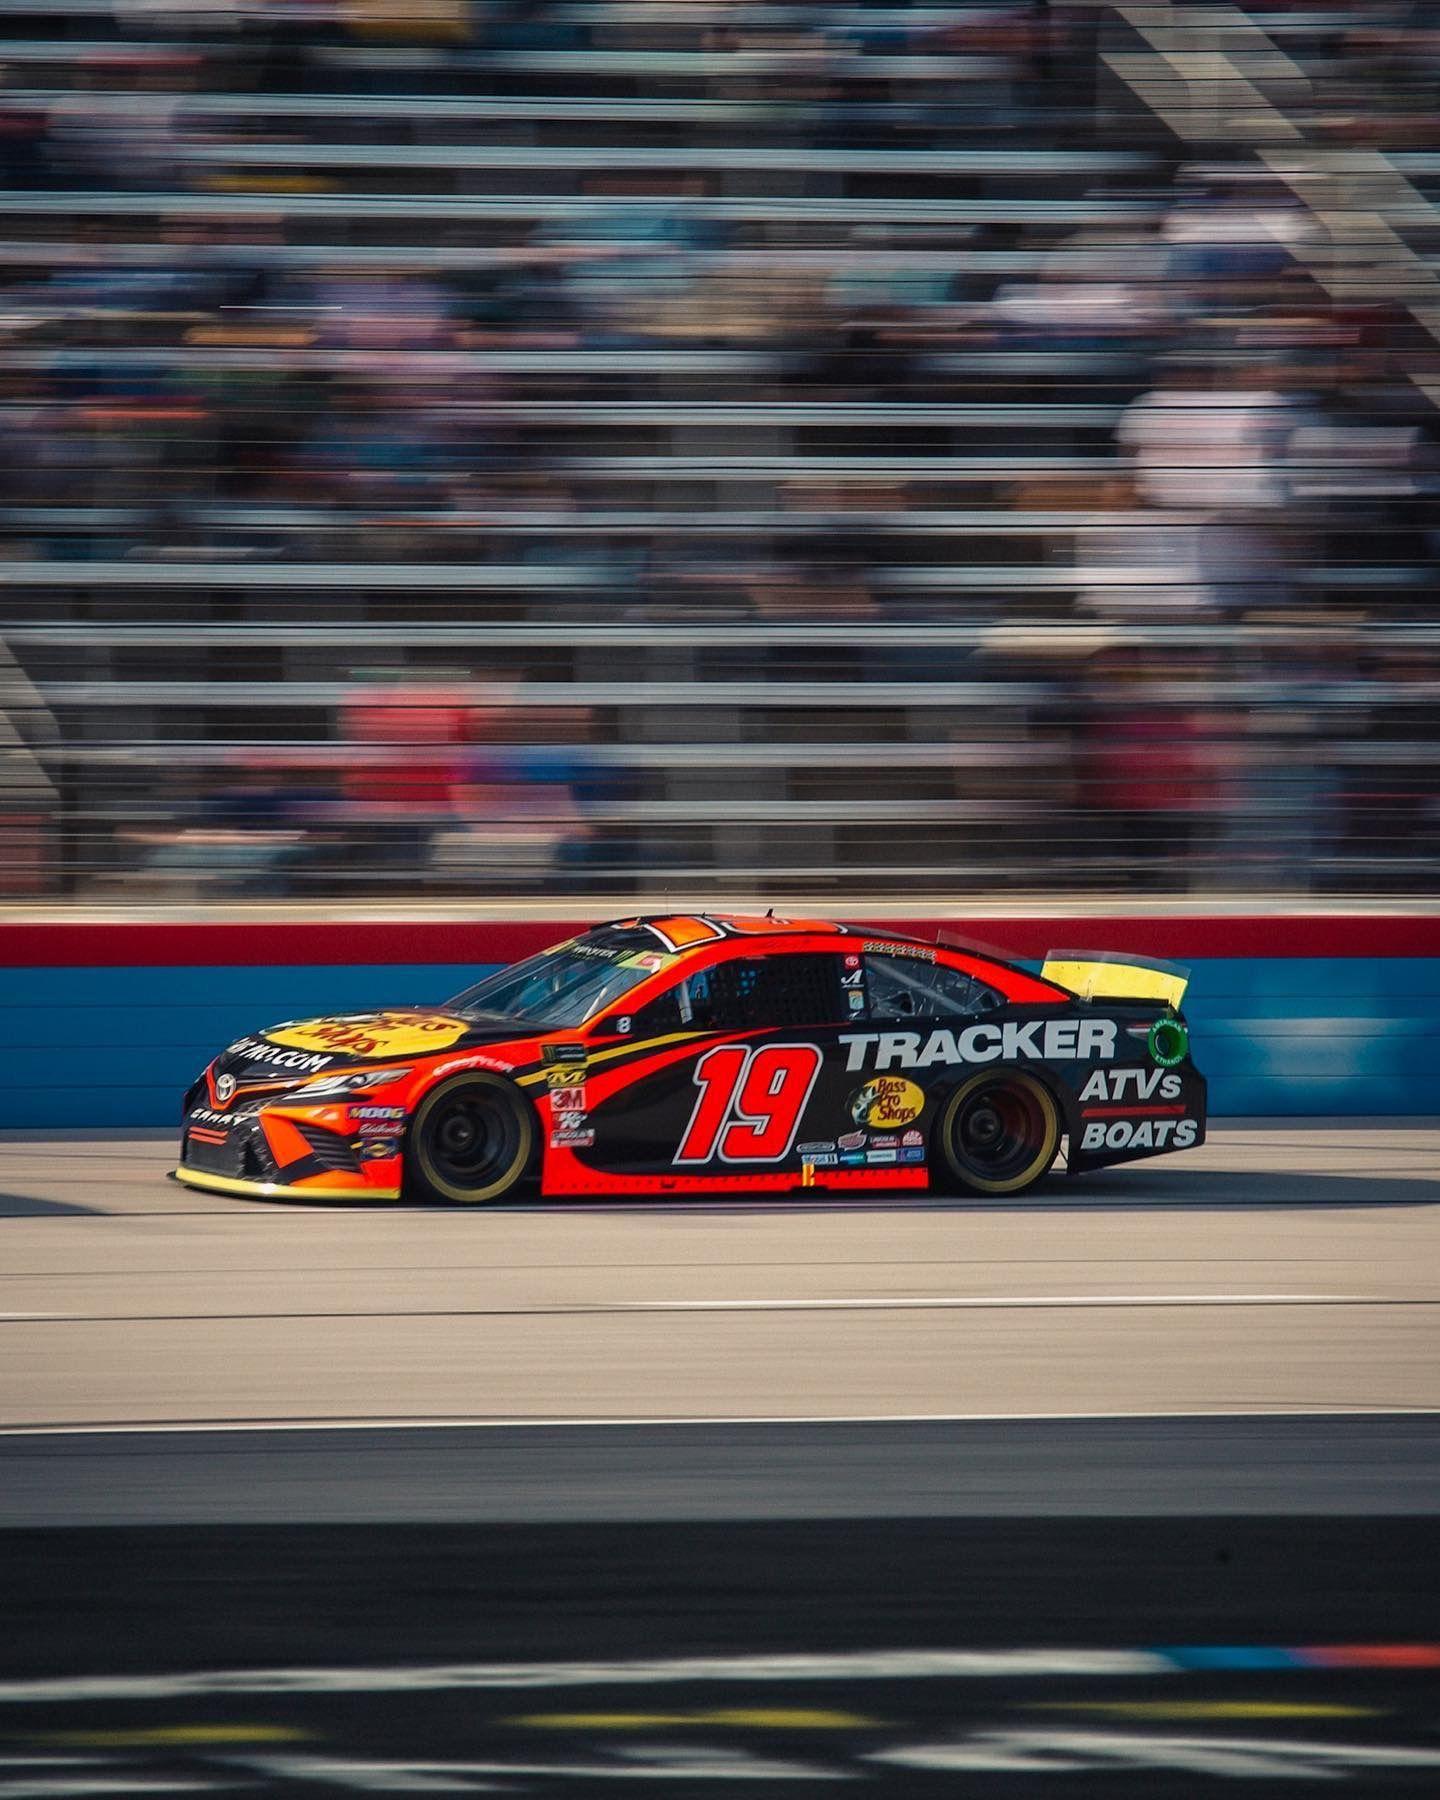 Pin van Joël Affolter op NASCAR